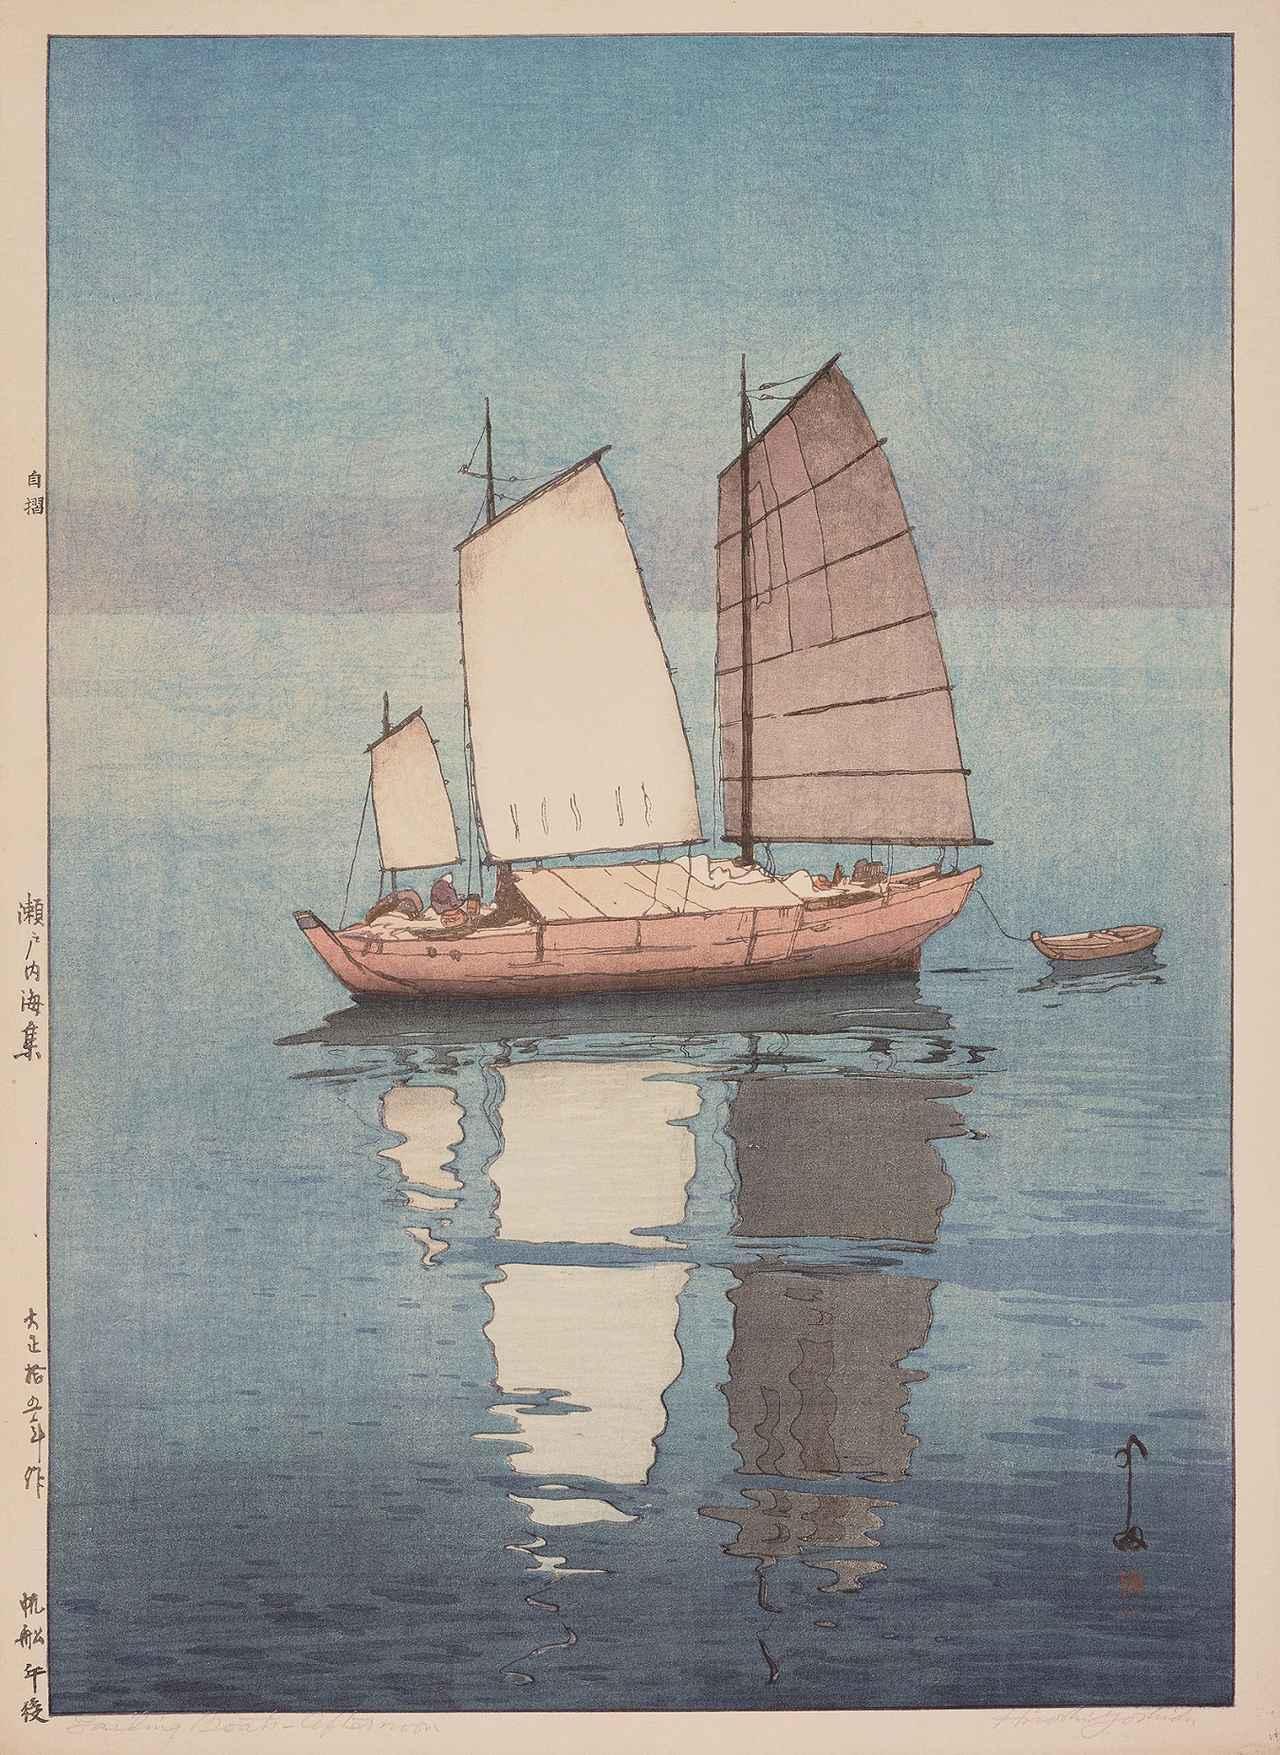 画像: 《瀬戸内海集 帆船 午後》 大正15(1926)年 木版、紙 50.9×36.1cm